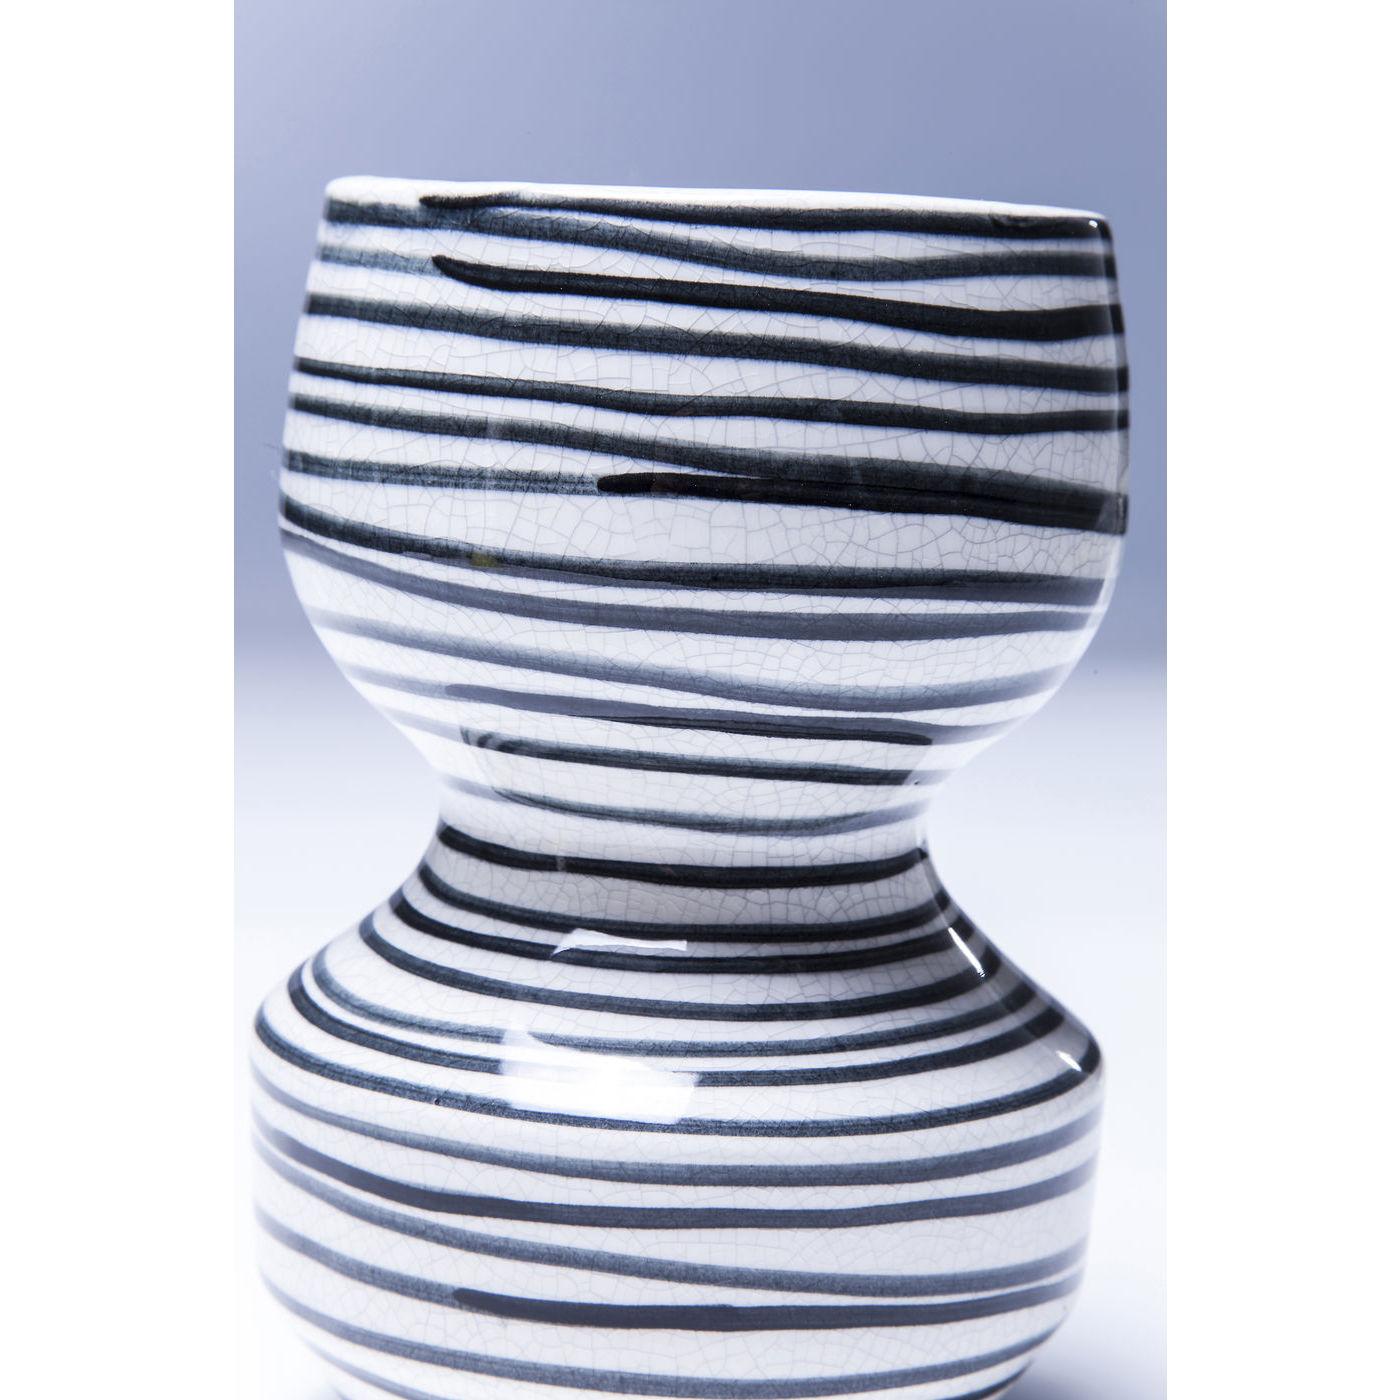 vase deko dekovase blumenvase keramik steinzeug wei schwarz 19cm neu kare ebay. Black Bedroom Furniture Sets. Home Design Ideas